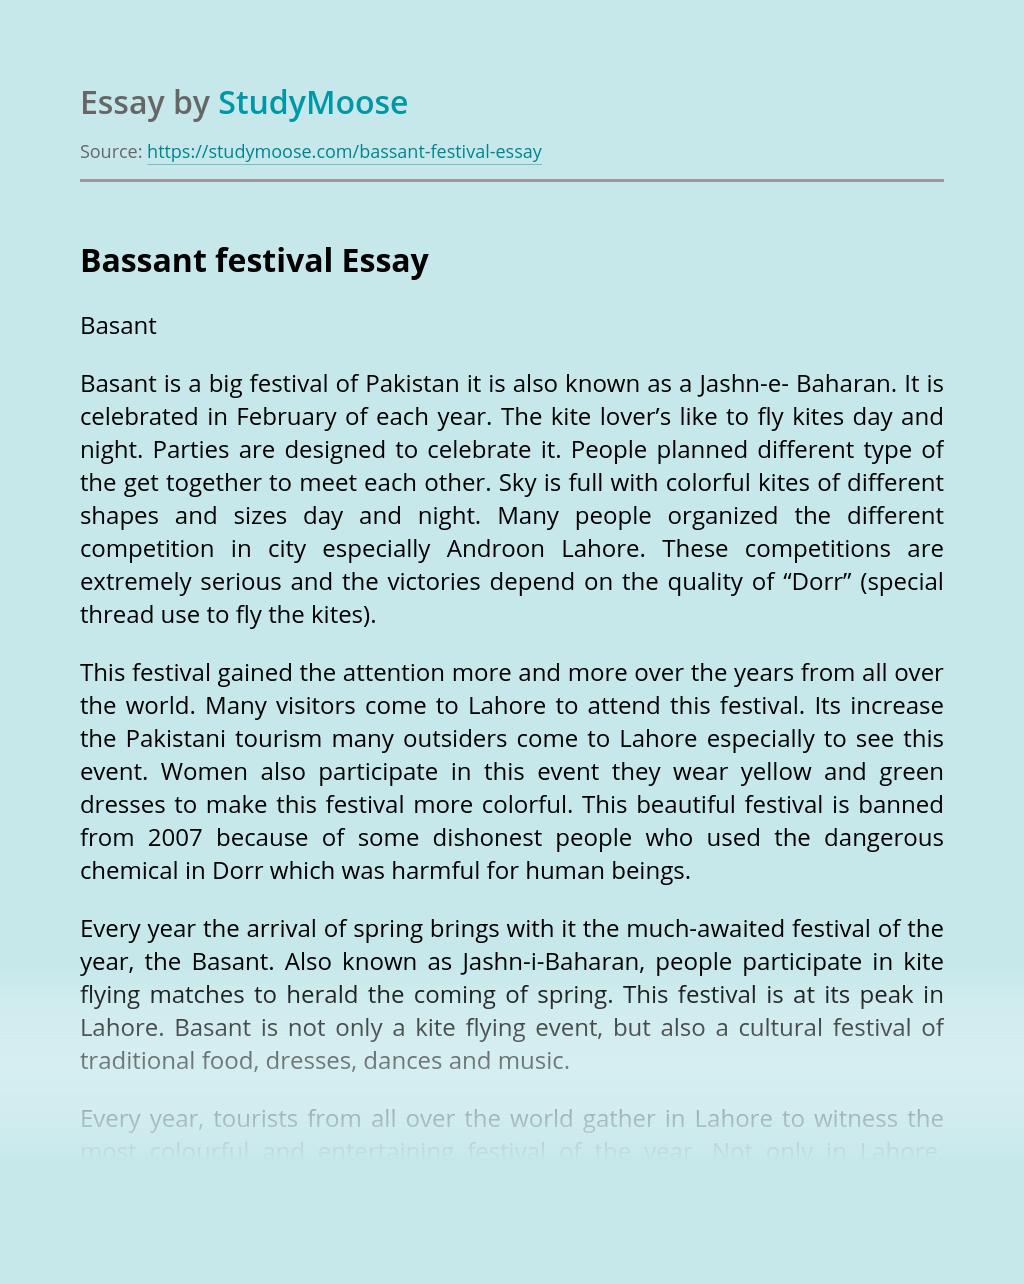 Bassant festival